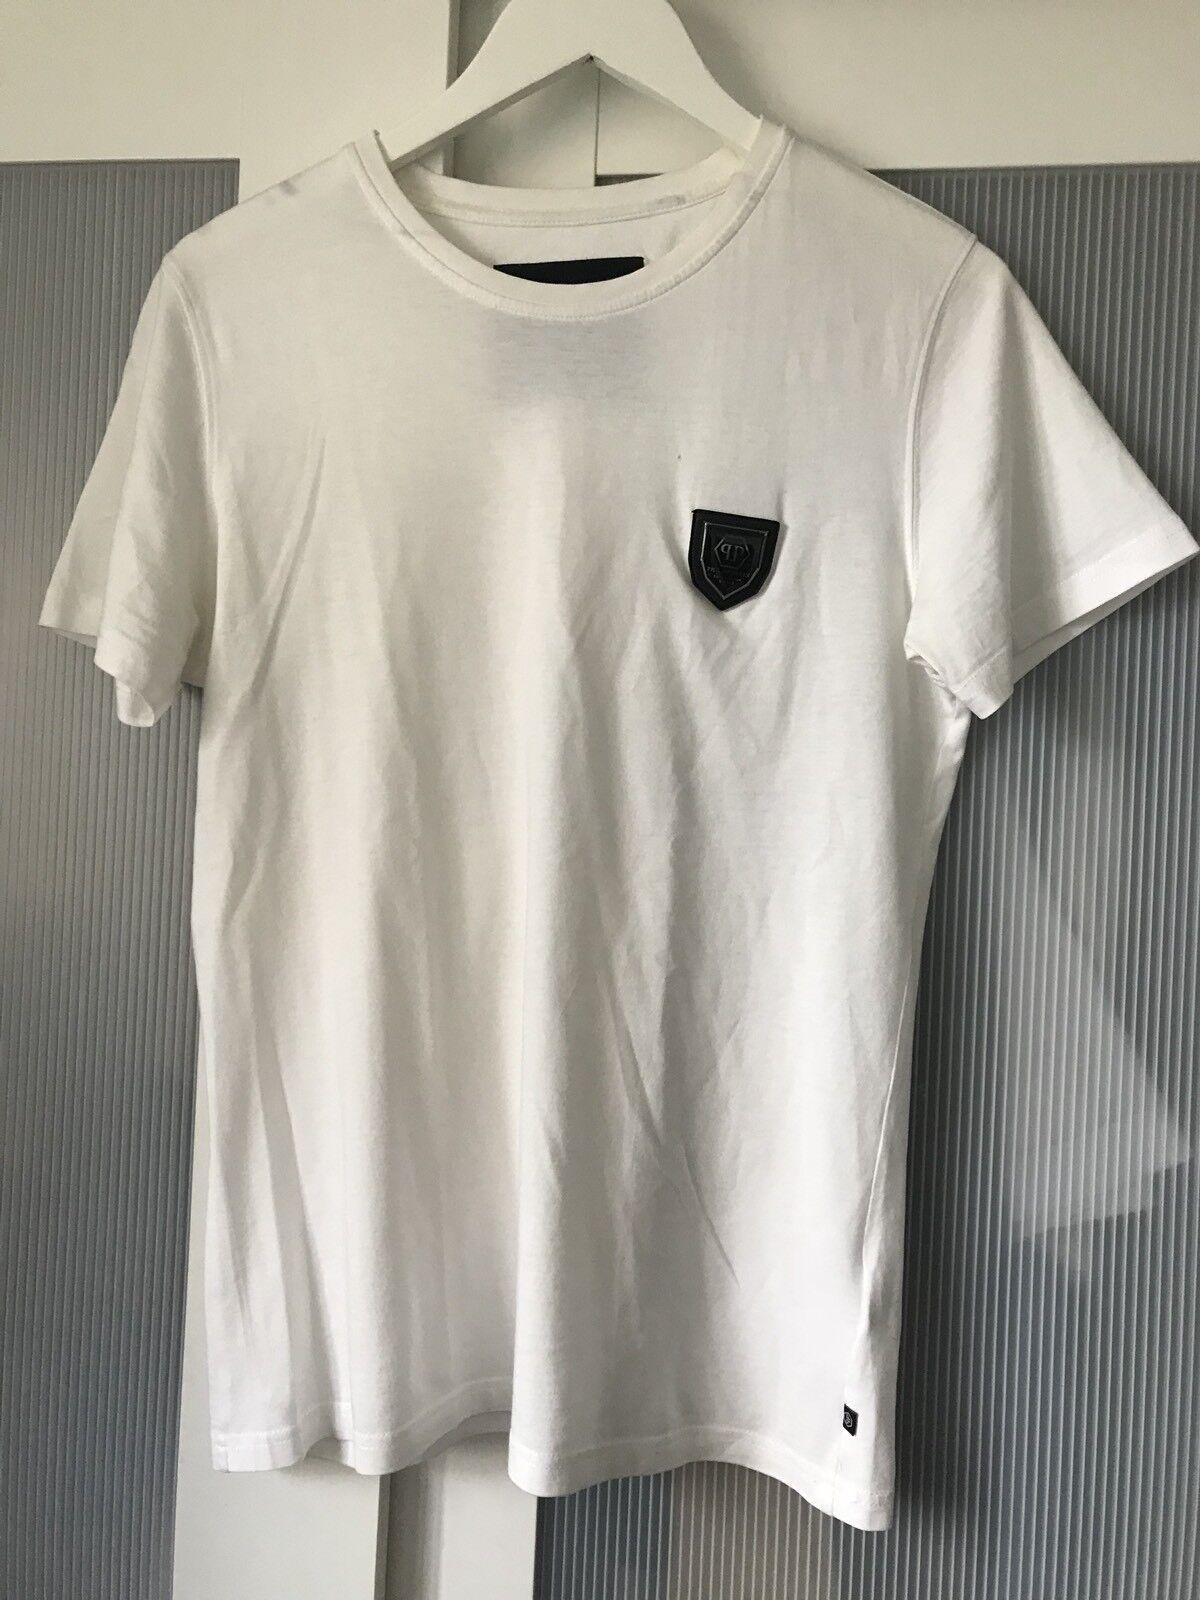 Philip PLEIN Uomini T Shirt Top Taglia M 100% AUTENTICO